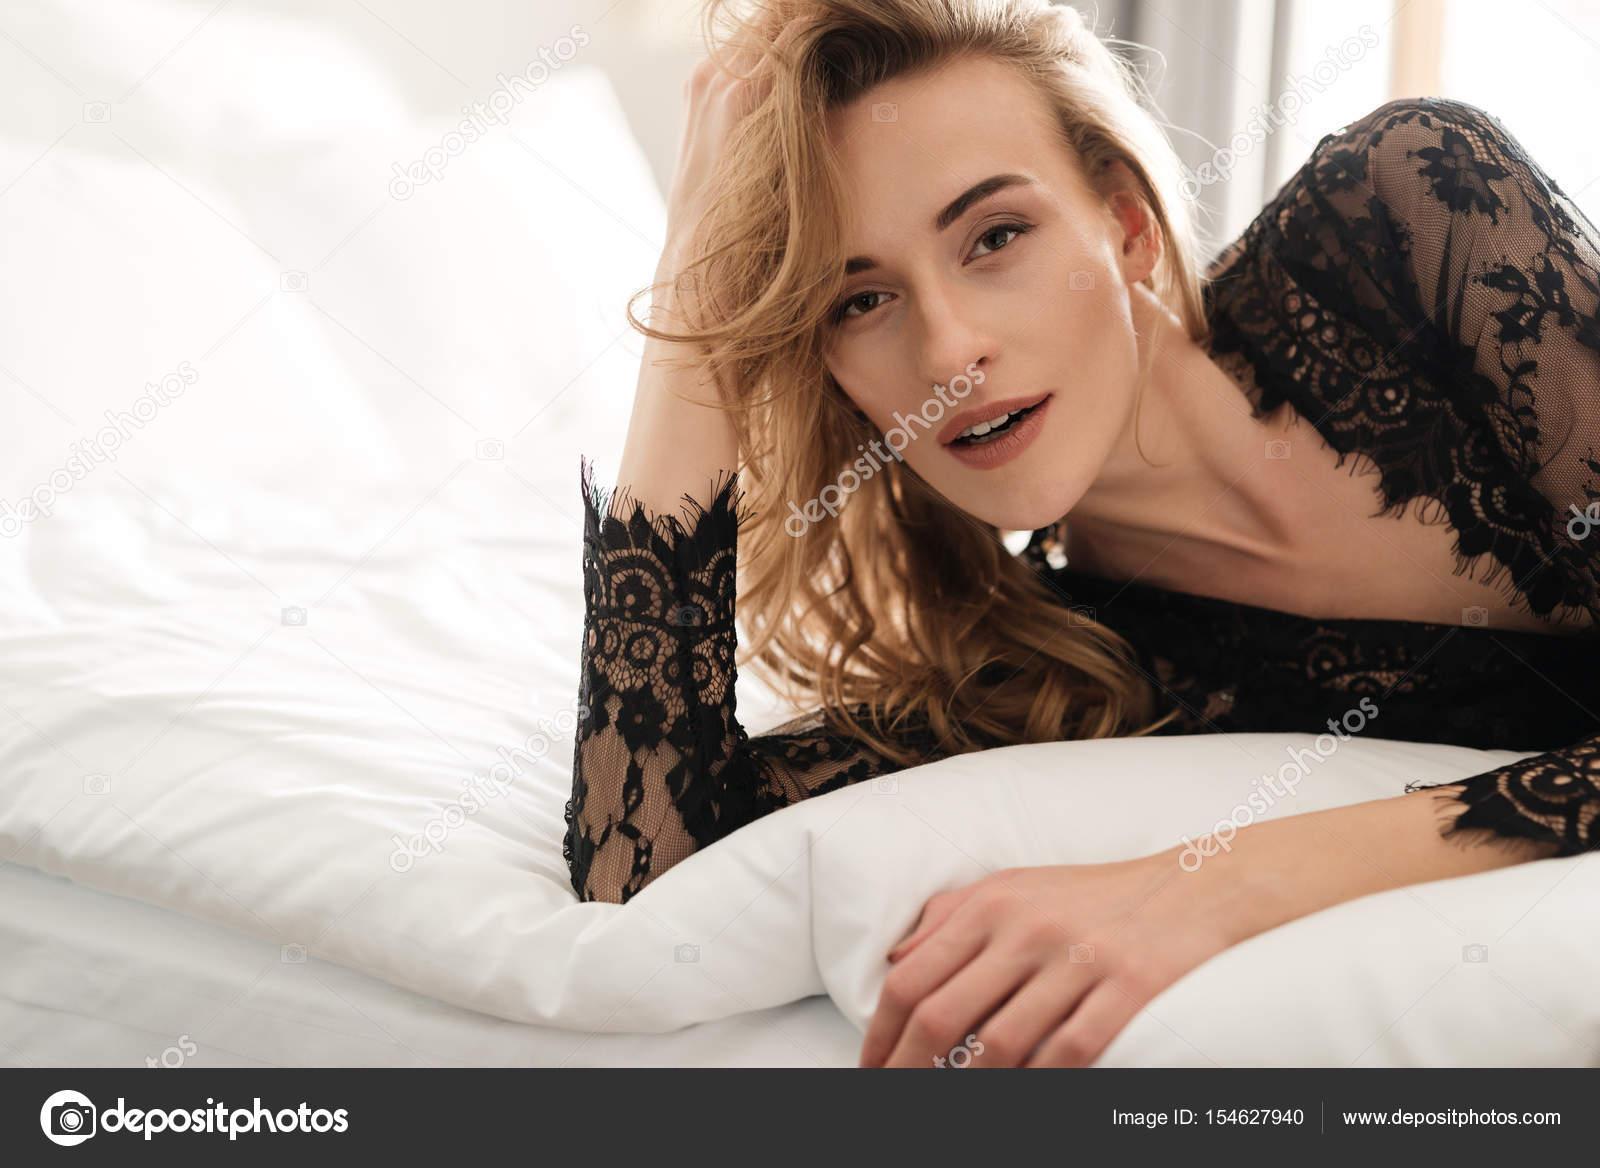 krasivoe-foto-zhenshin-na-krovati-smotret-videoroliki-lesbiyanok-onlayn